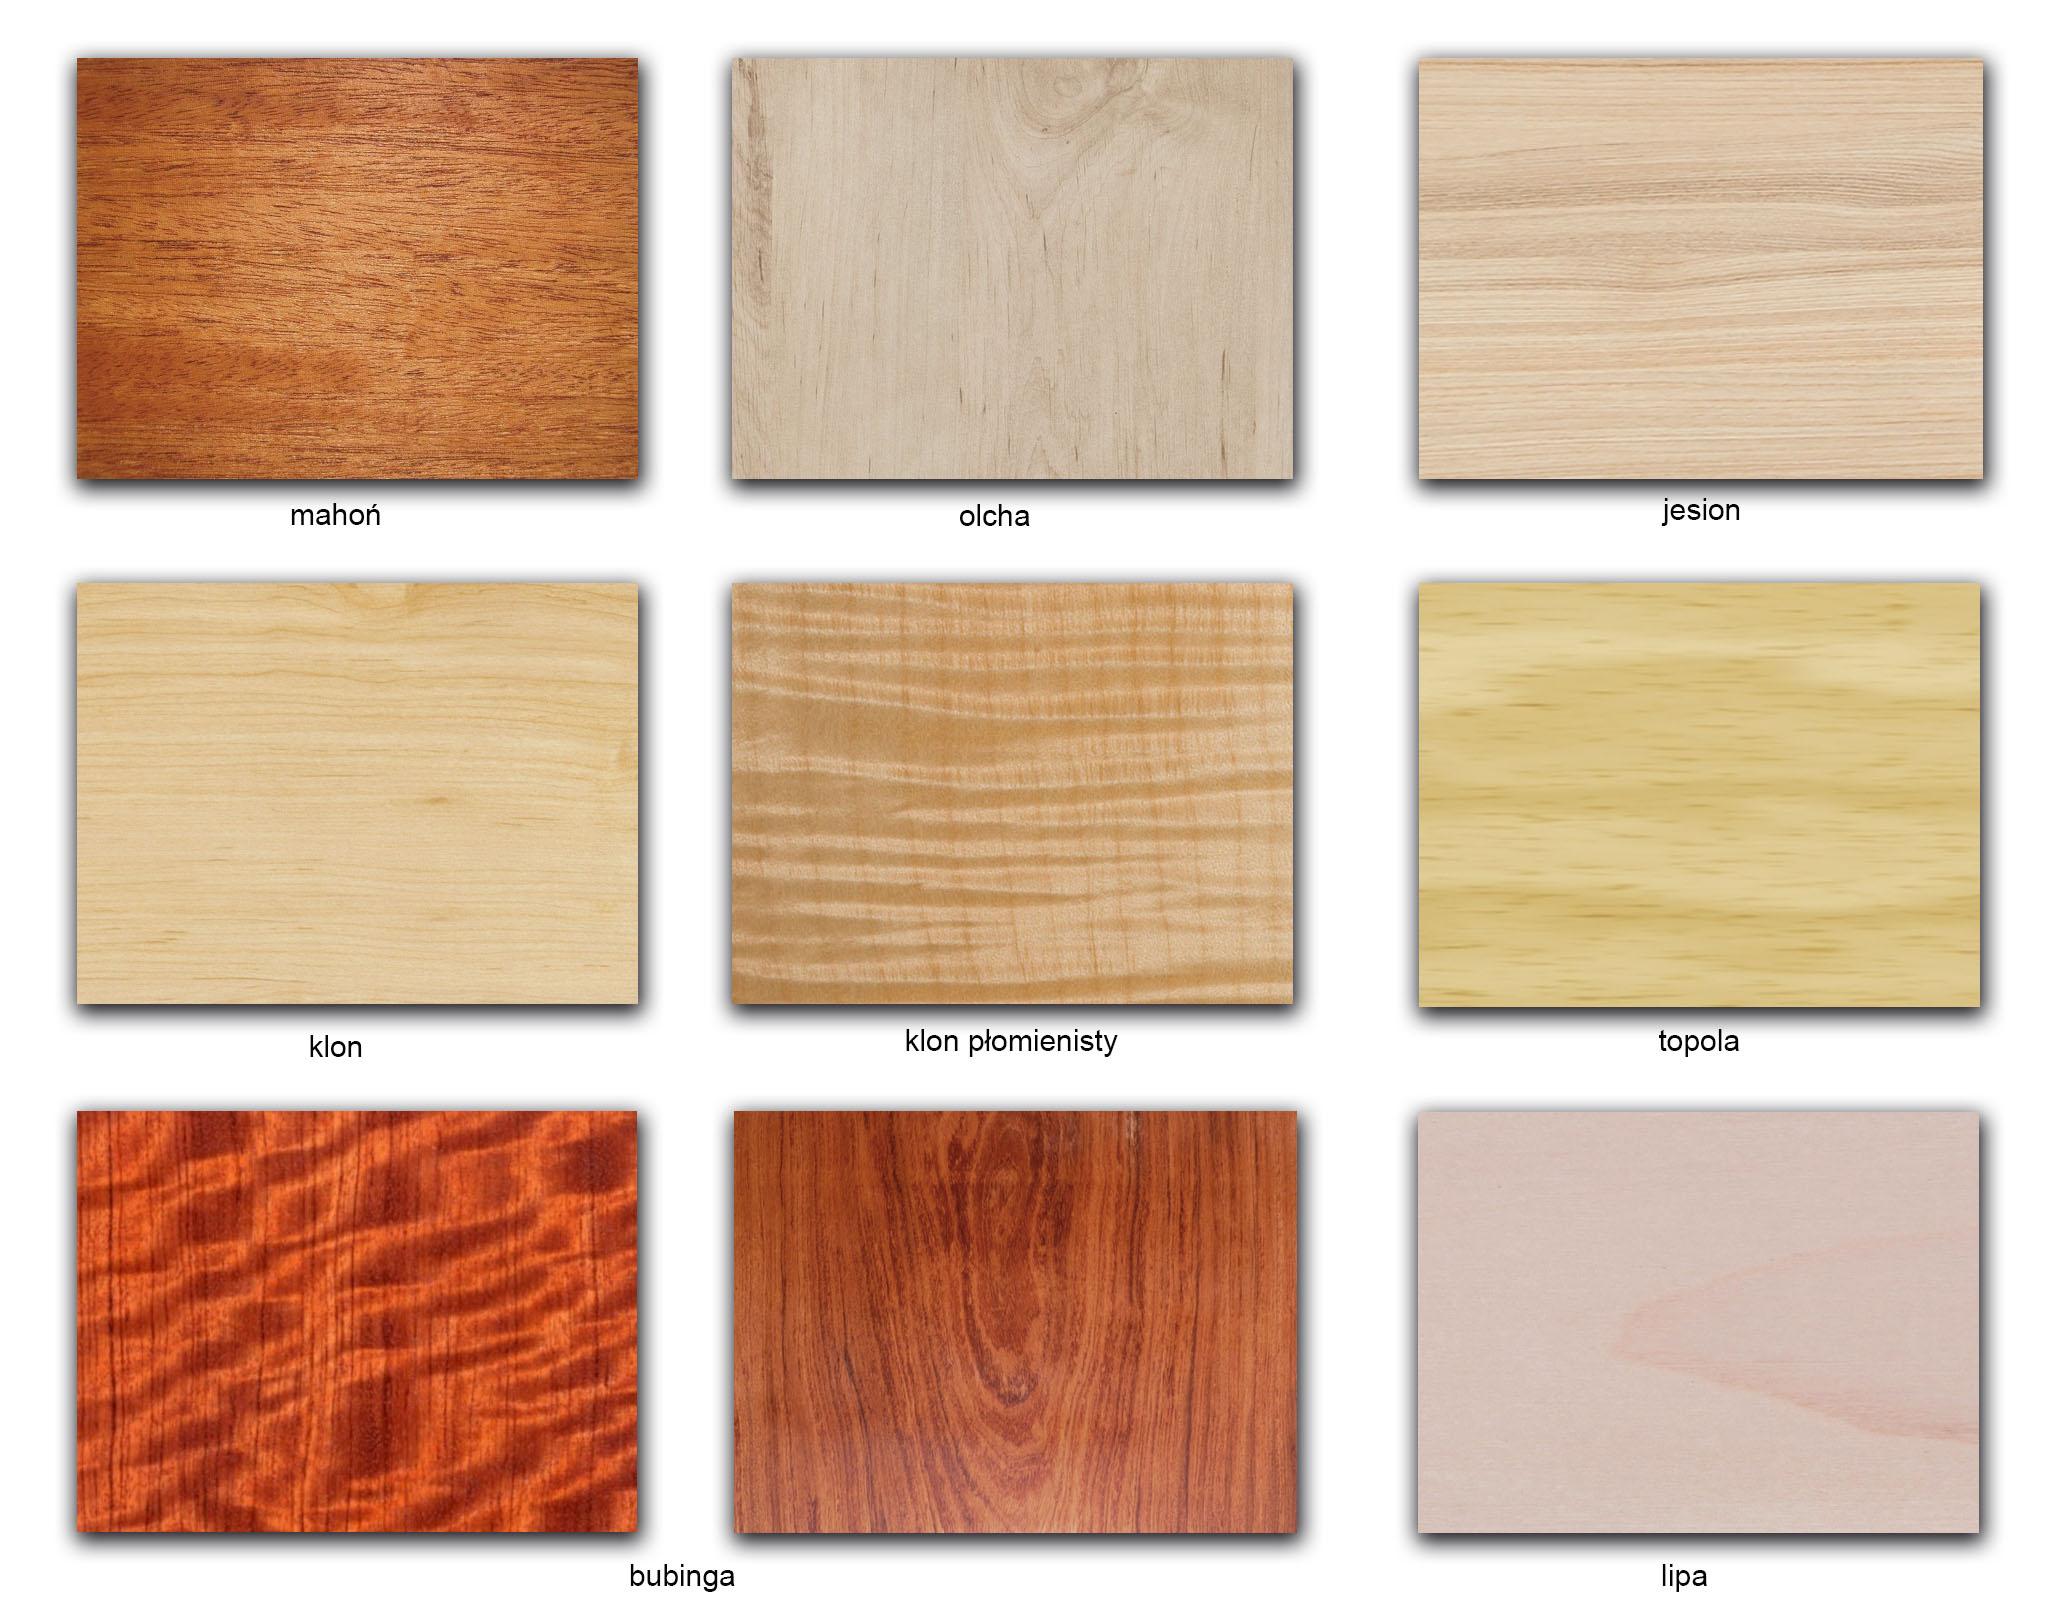 drewno_rodzaje